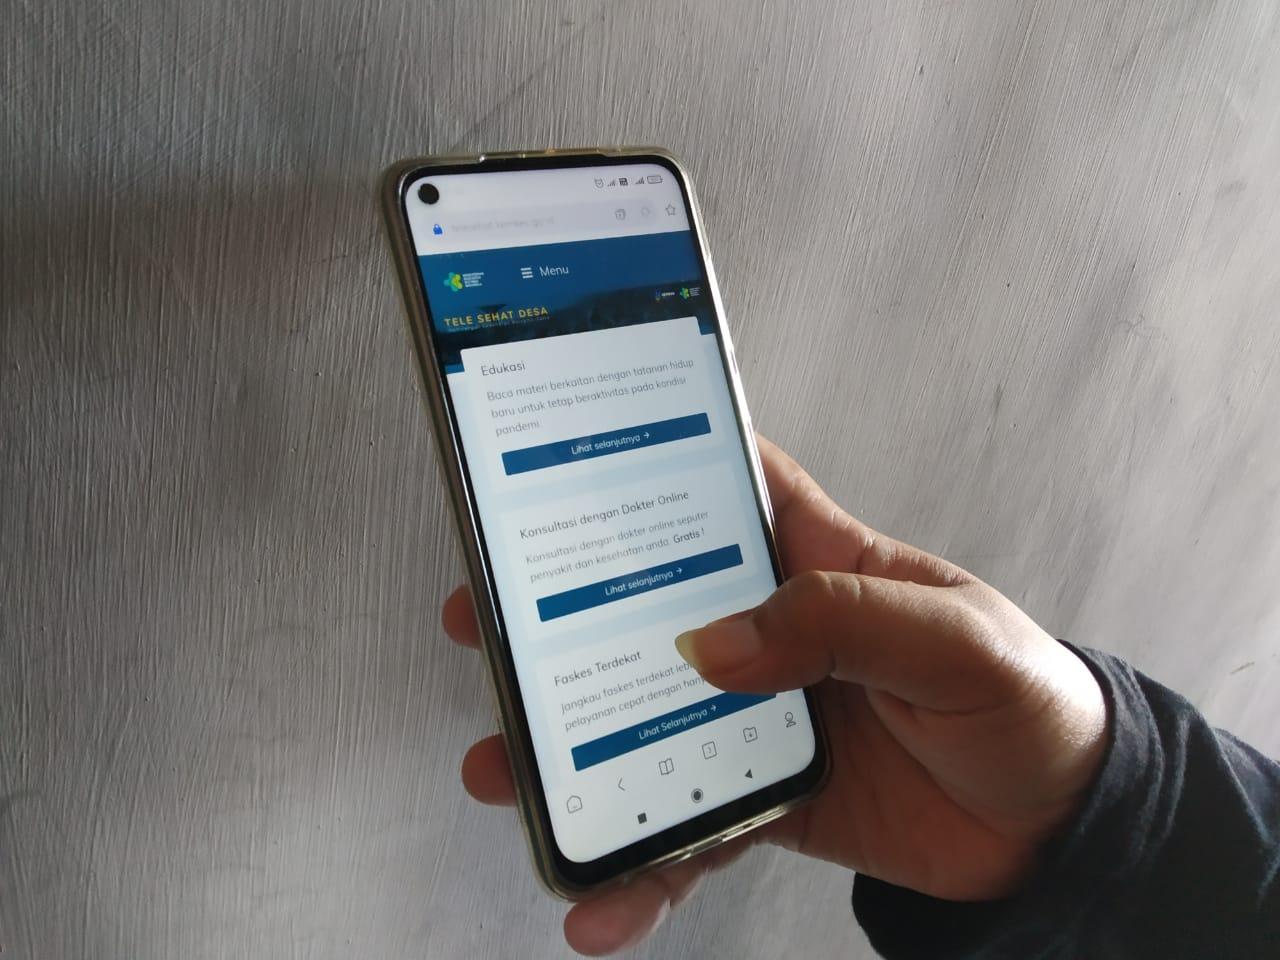 Salah satu pengguna layanan saat mengakses layanan digital Tele Sehat